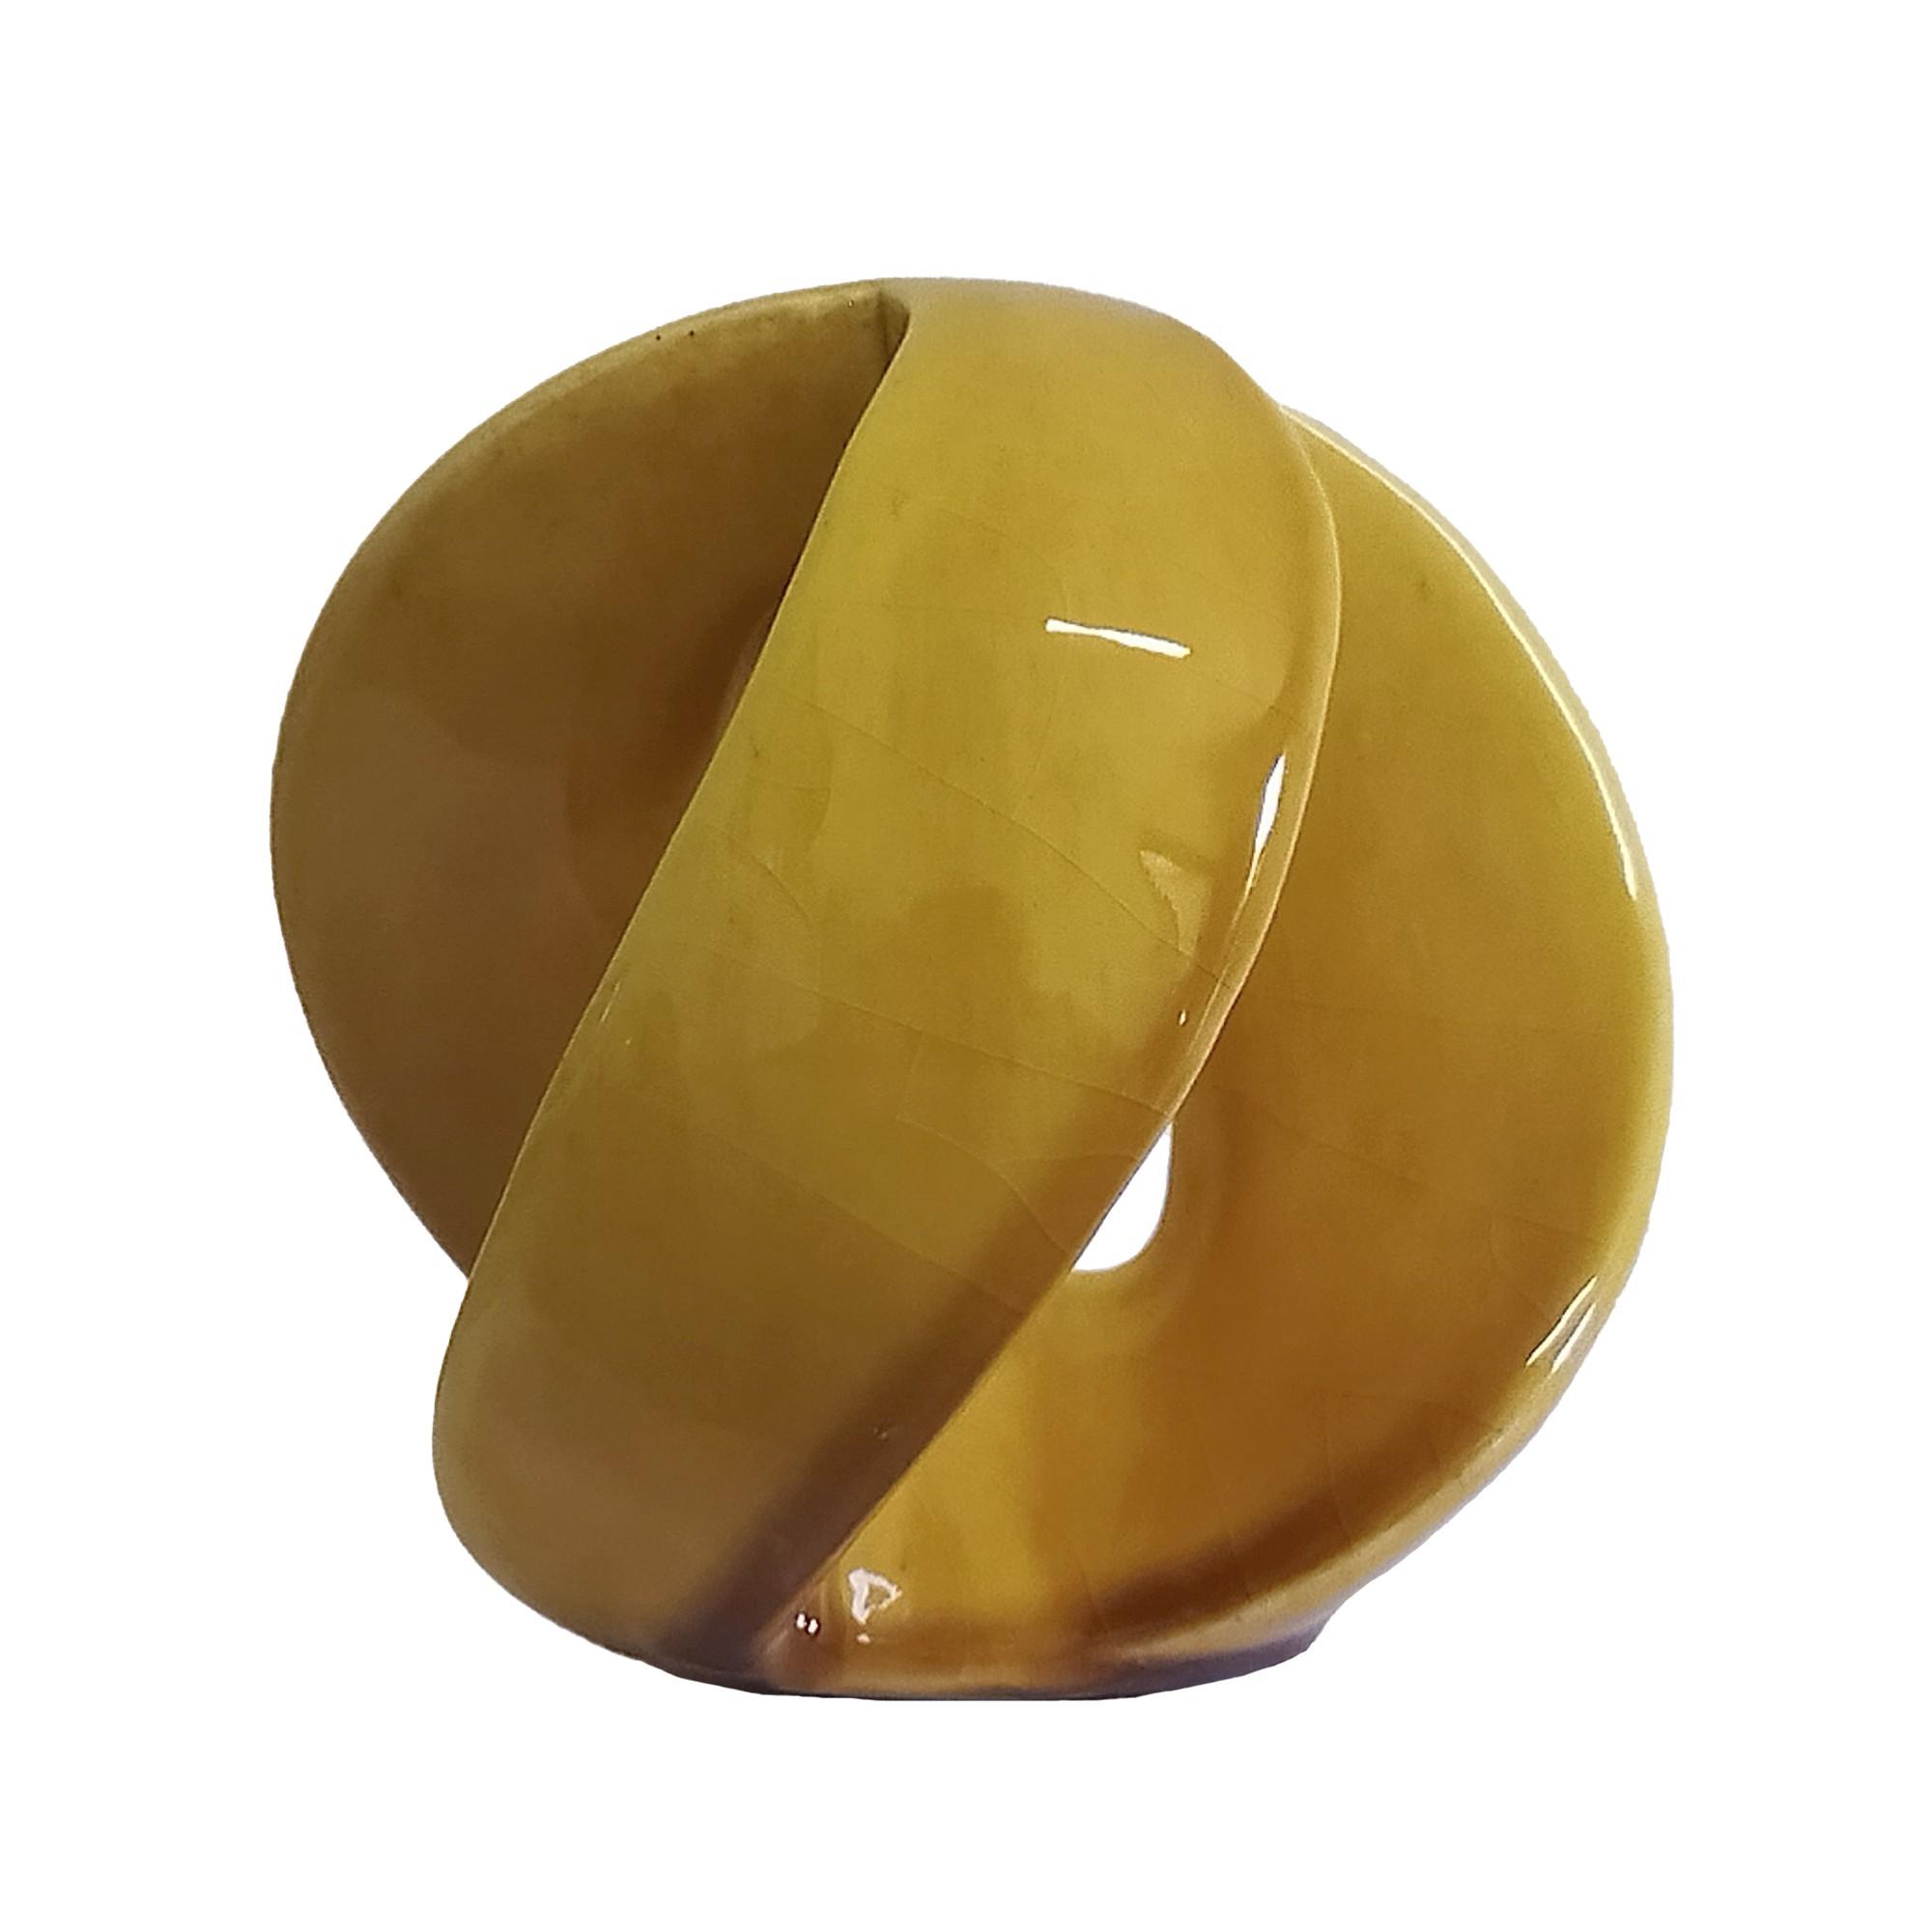 Enfeite Decorativo Esfera Vazada de Ceramica 11cm 359 - Buzzio s